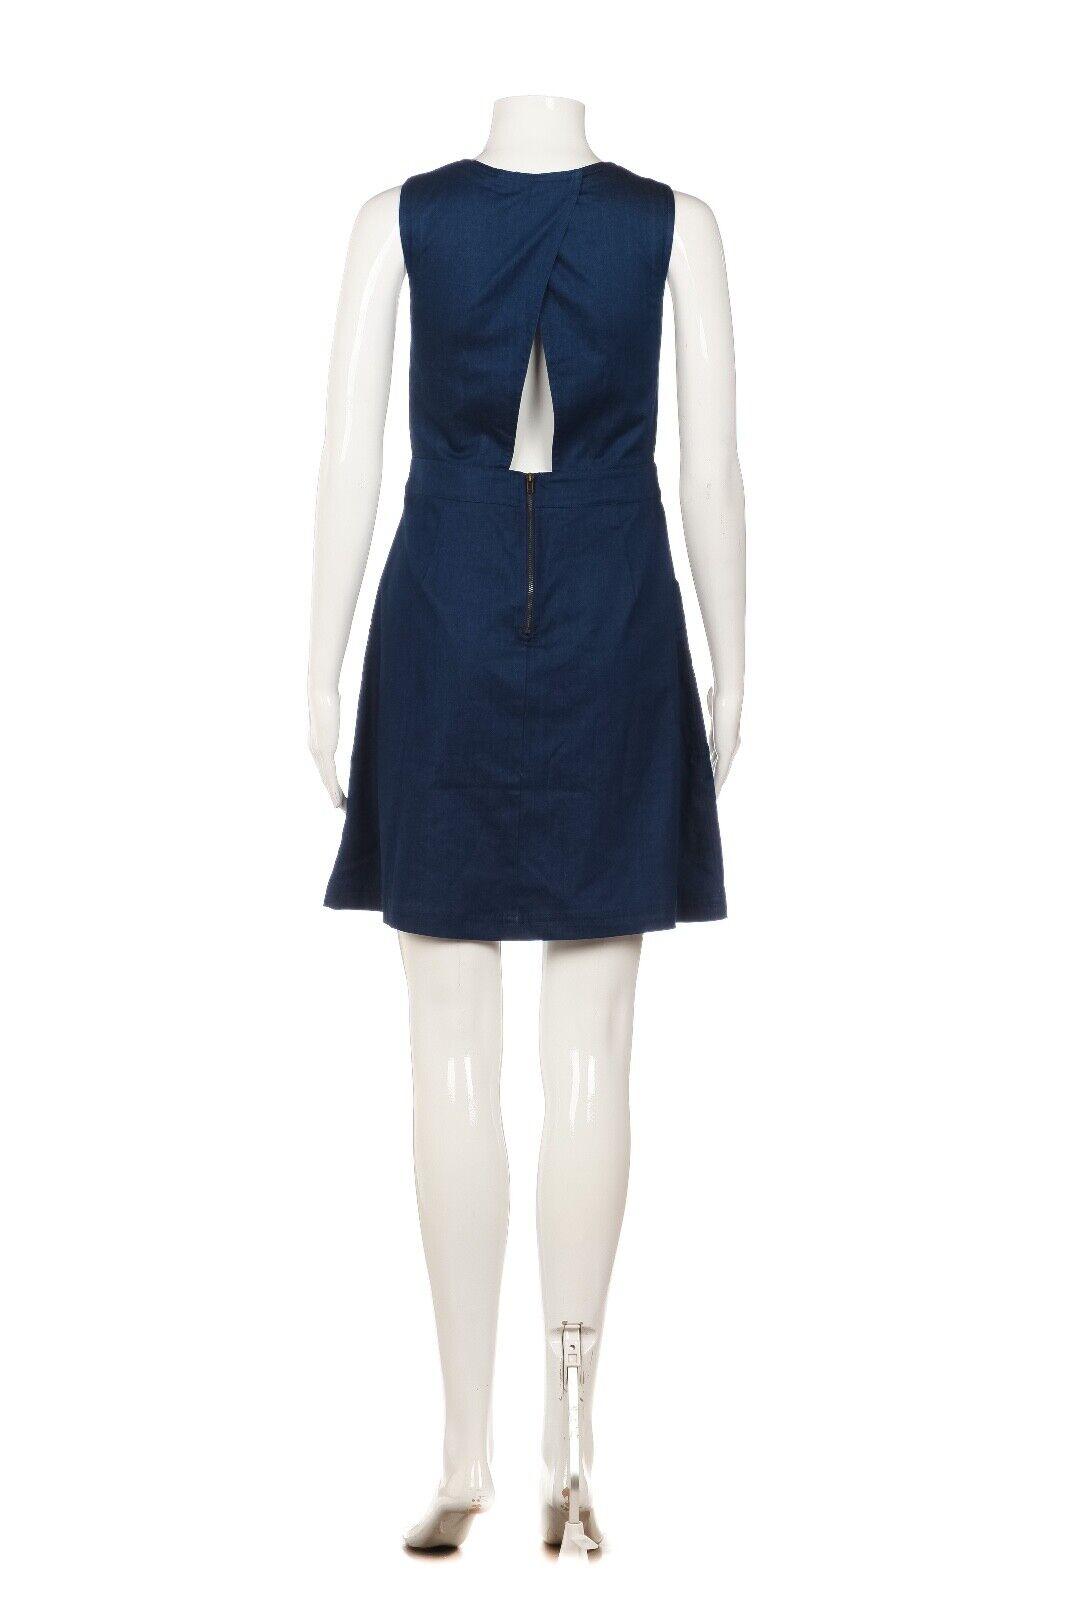 LUSH Mini Dress Medium Blue Apron Cut Out Back Zi… - image 3